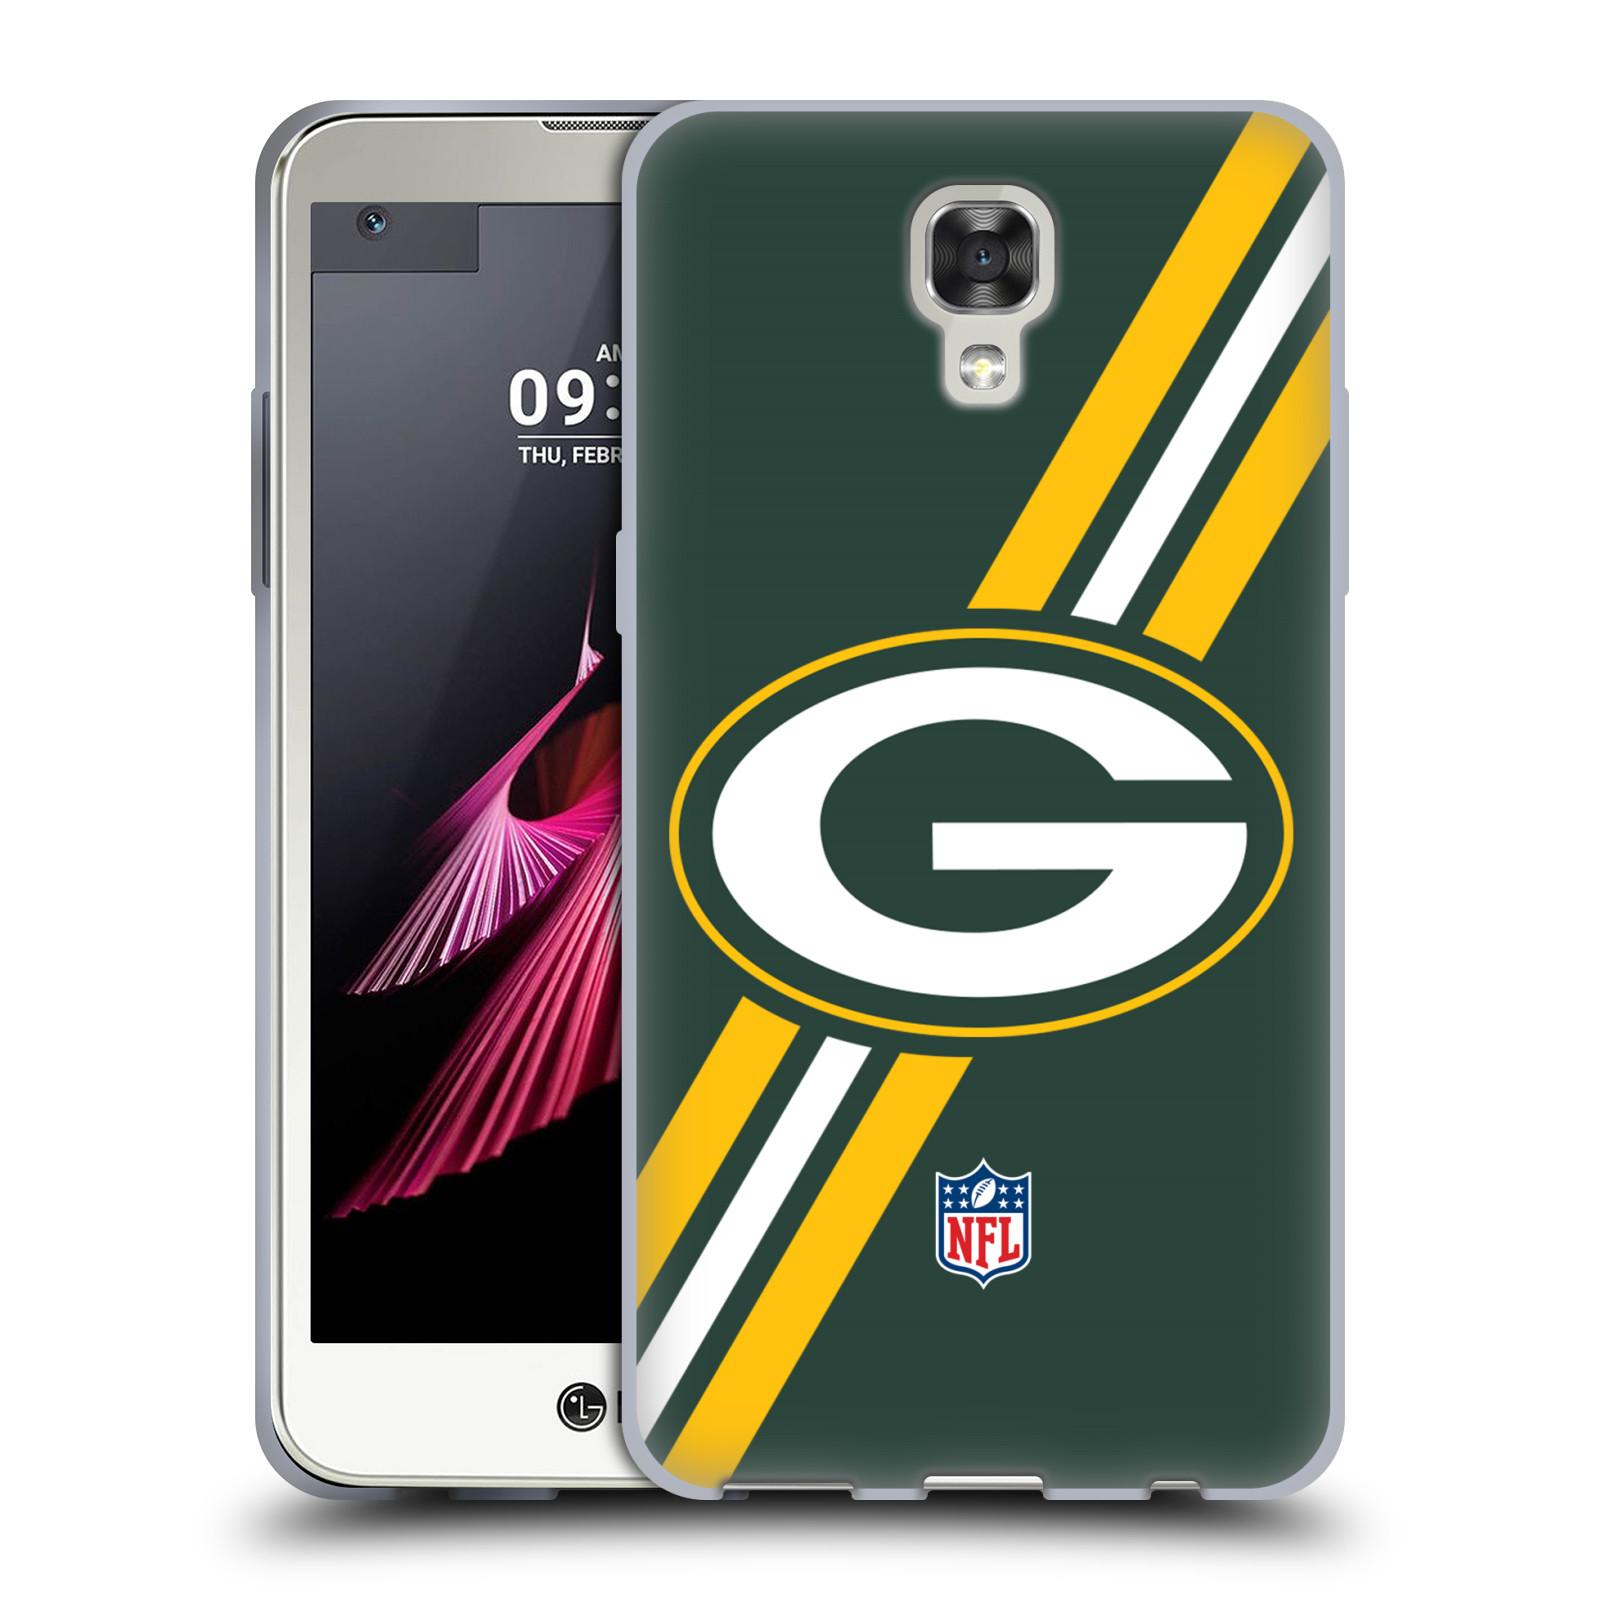 Silikonové pouzdro na mobil LG X Screen HEAD CASE NFL - Green Bay Packers (Silikonový kryt či obal na mobilní telefon licencovaným motivem NFL pro LG X Screen K500N)